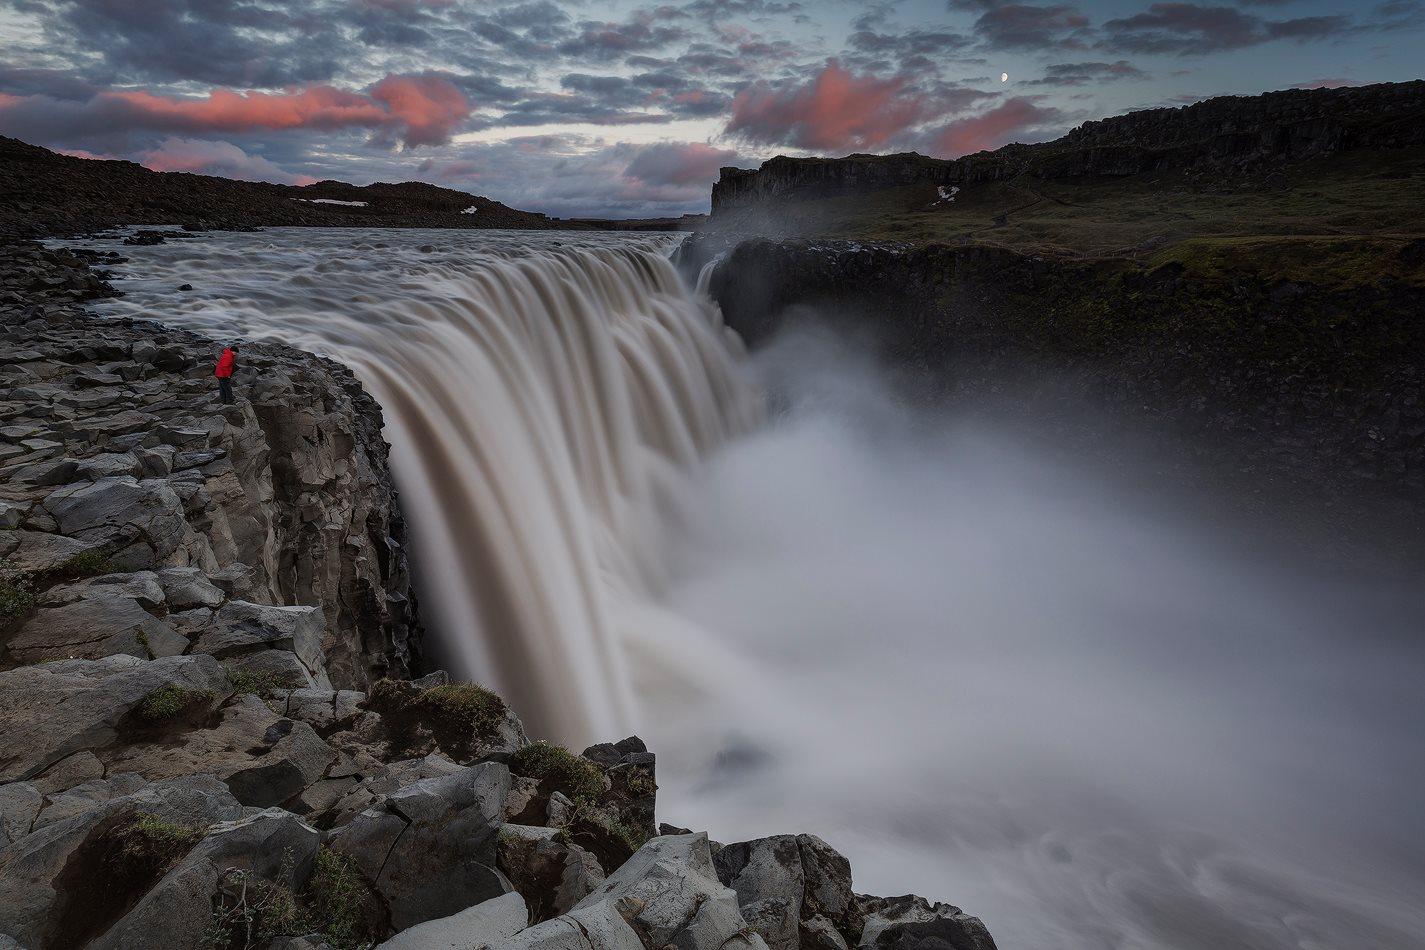 黛提瀑布是欧洲水量最大、最具爆发力的瀑布